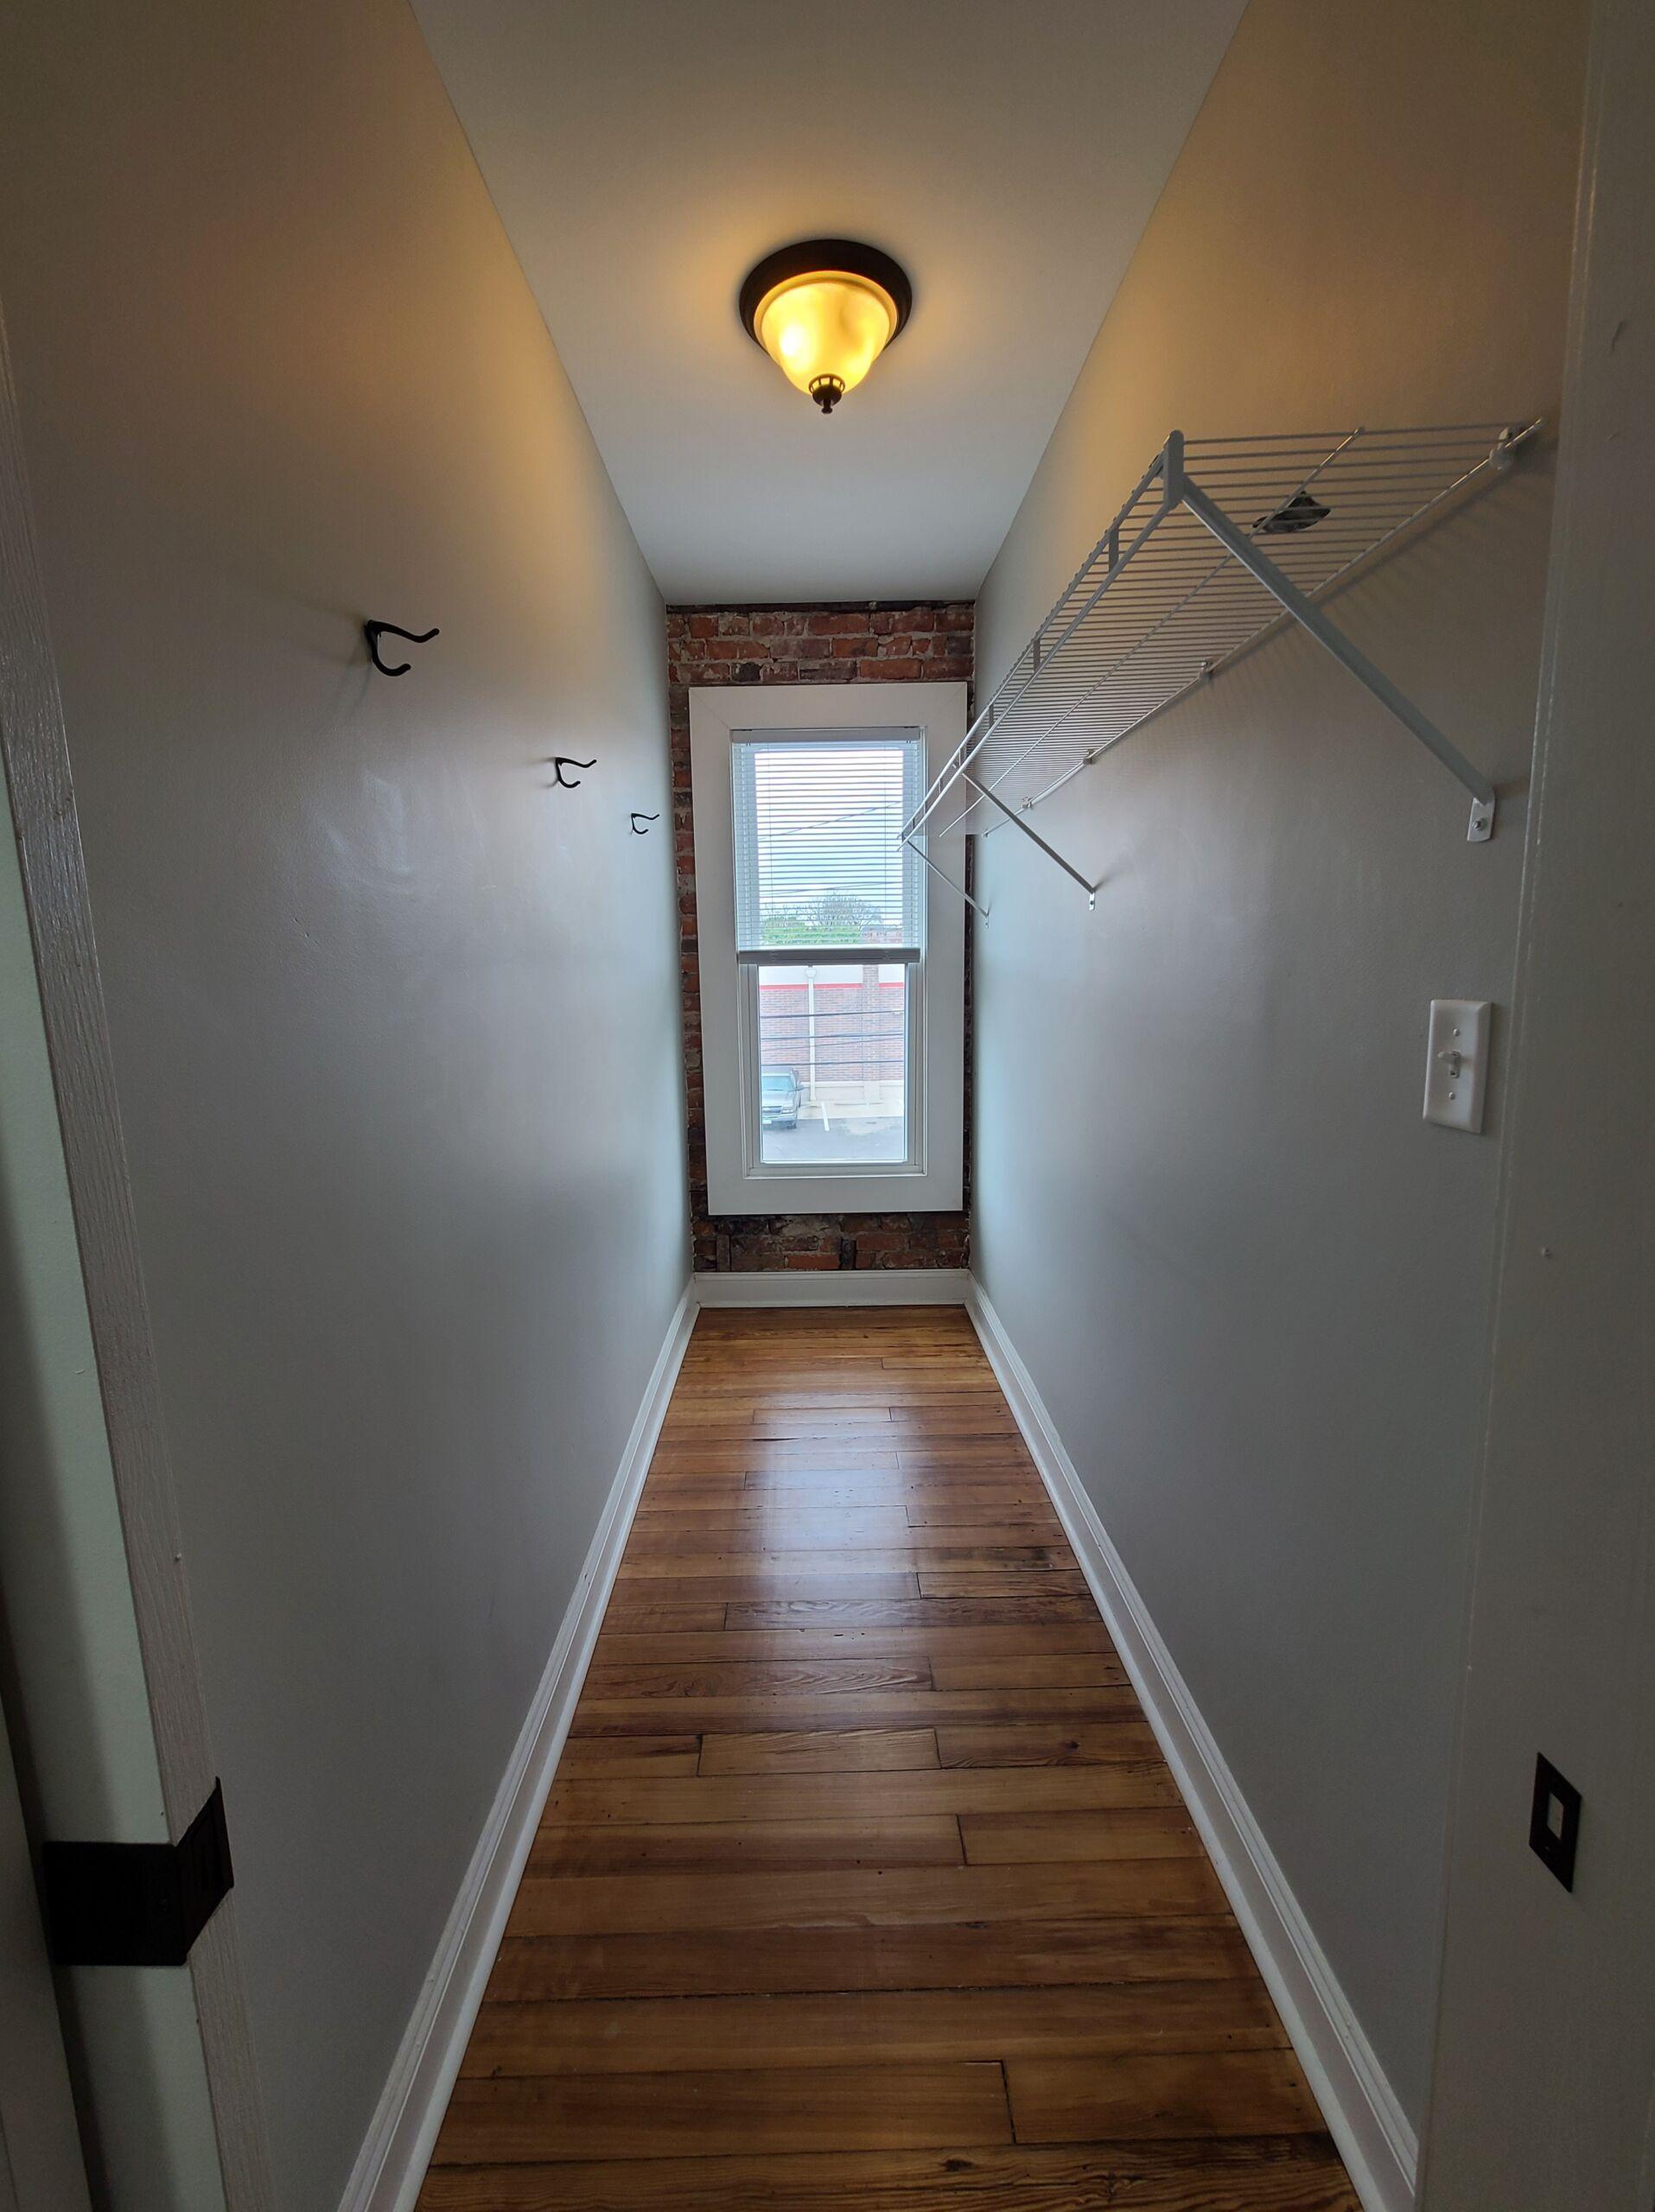 429 Wilson Ave. Multi-Family Rental